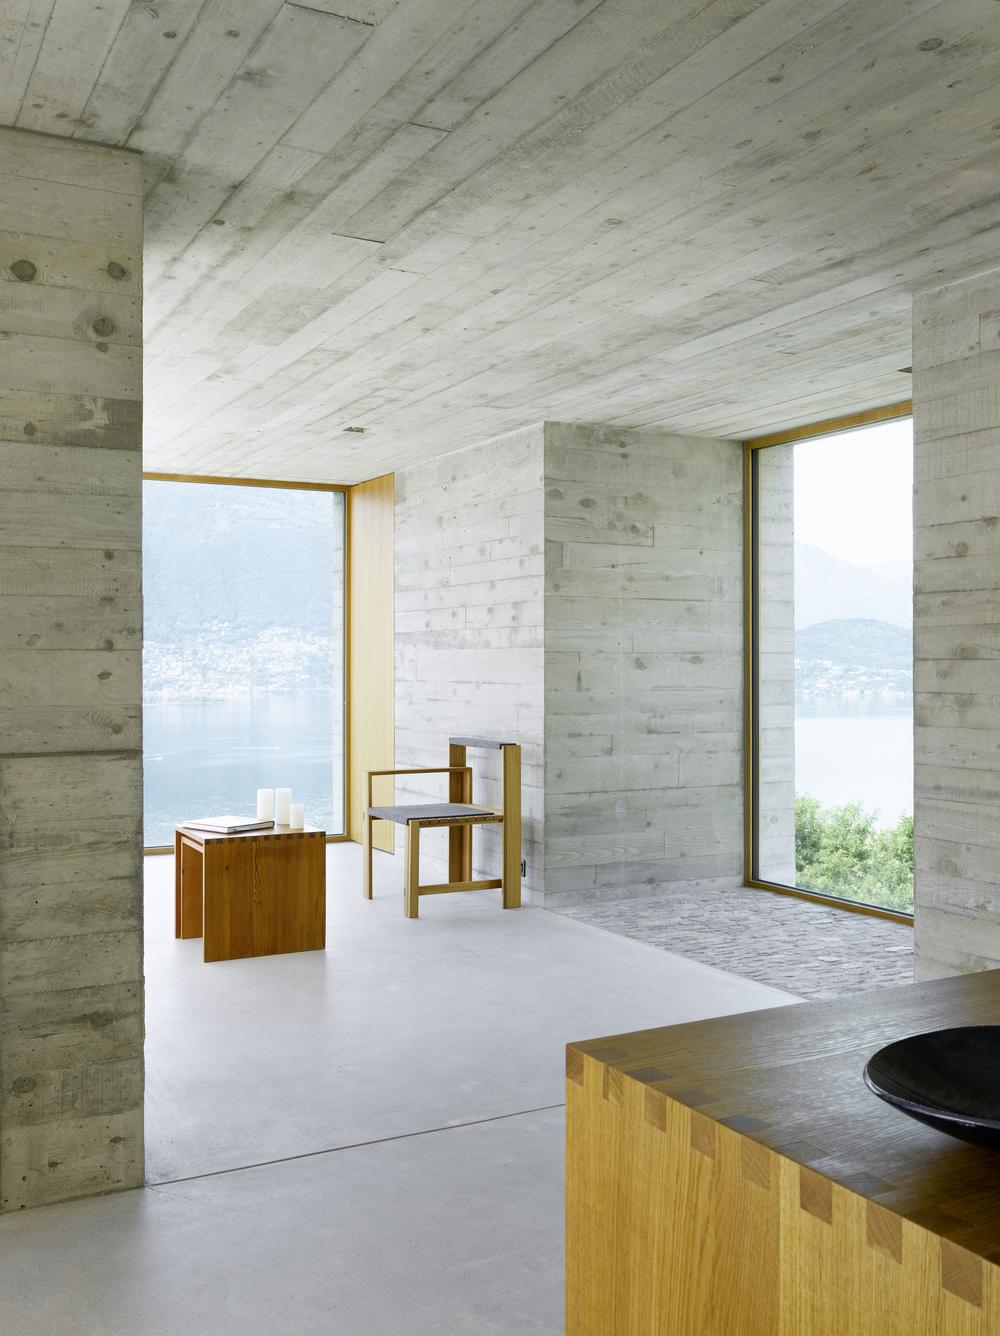 New-Concrete-House-by-Wespi-de-Meuron-2.jpg